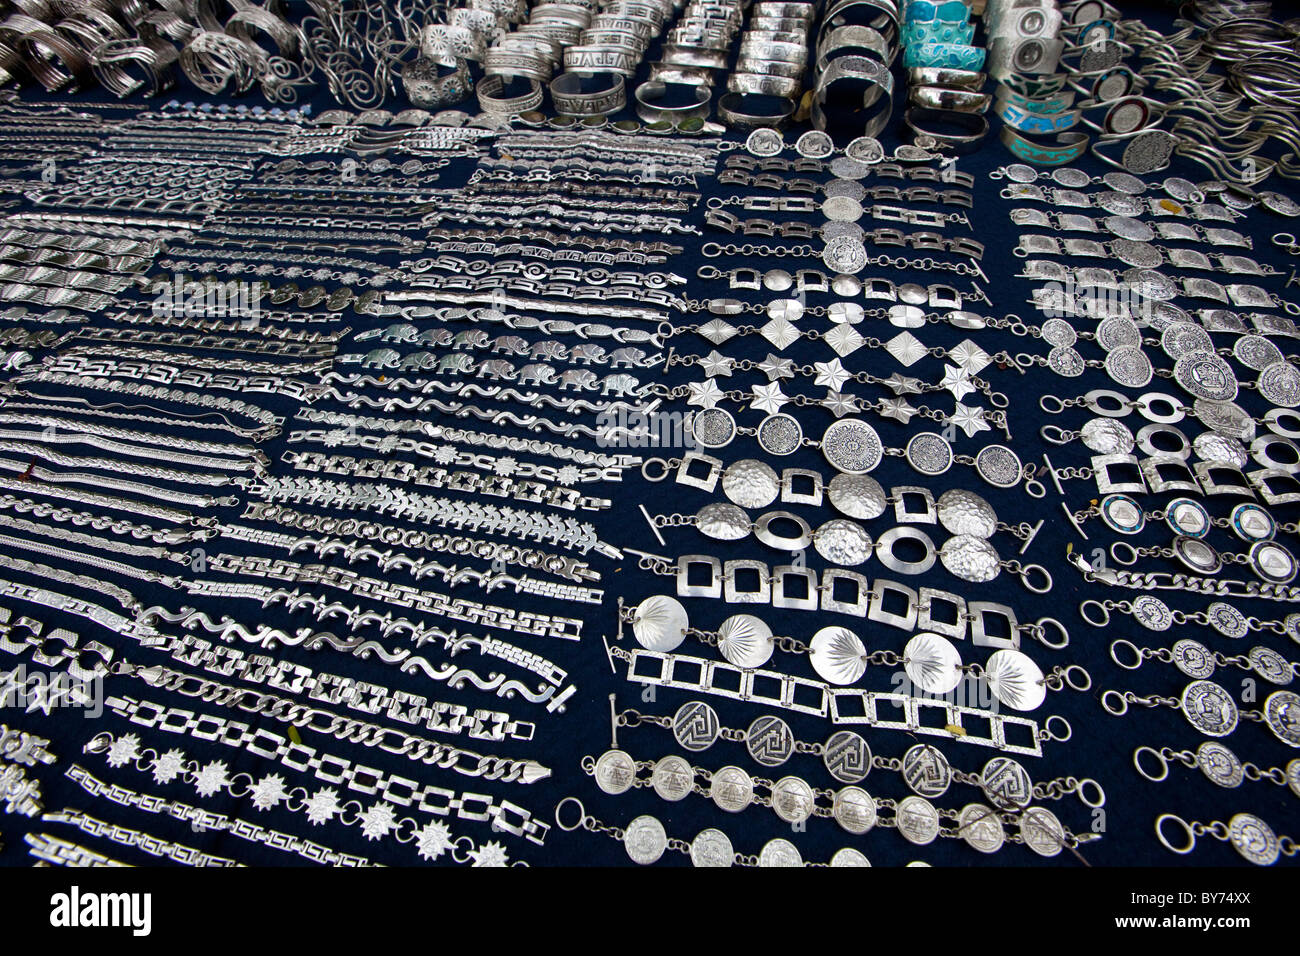 Fournisseur de bijoux en argent à Chichen Itza, Mexique Photo Stock